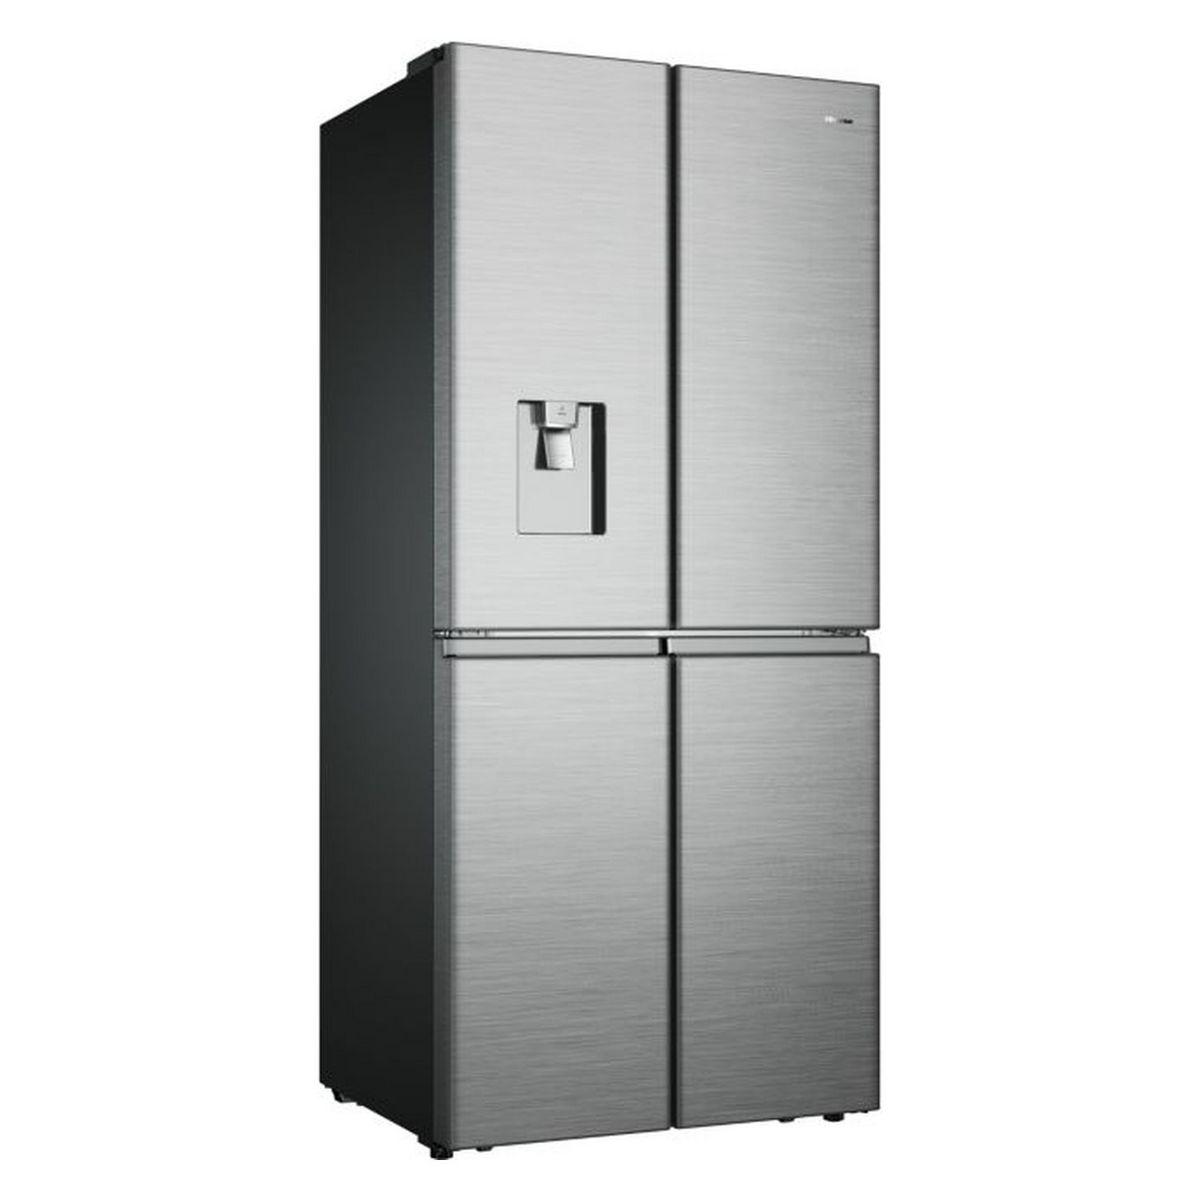 Réfrigérateur multiportes RQ563N4WSI1, 454 L, Froid no frost